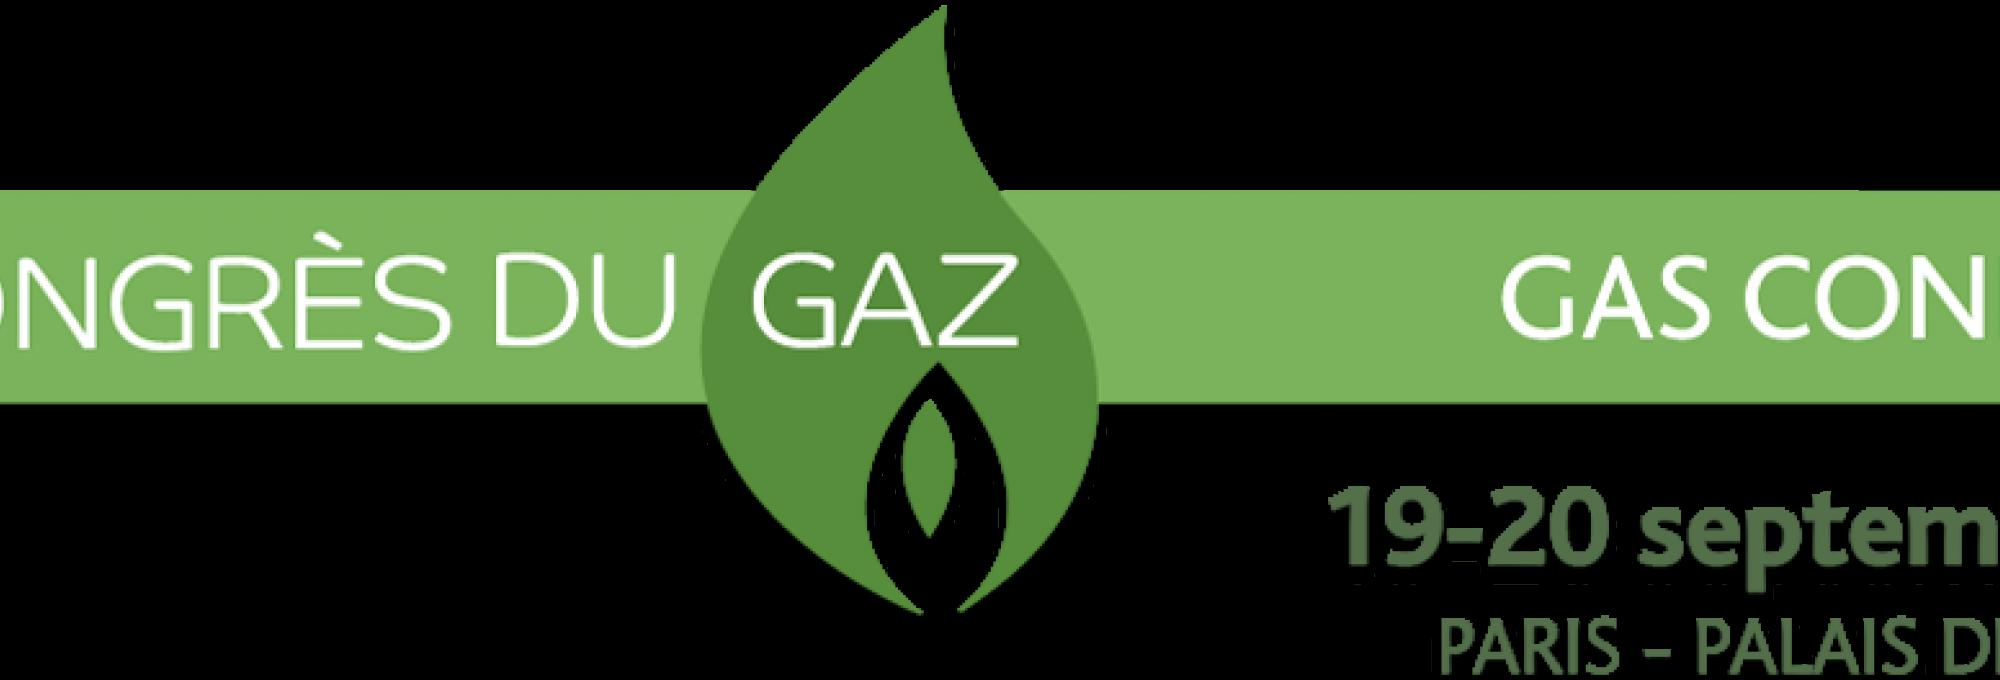 CONGRES DU GAZ 2017